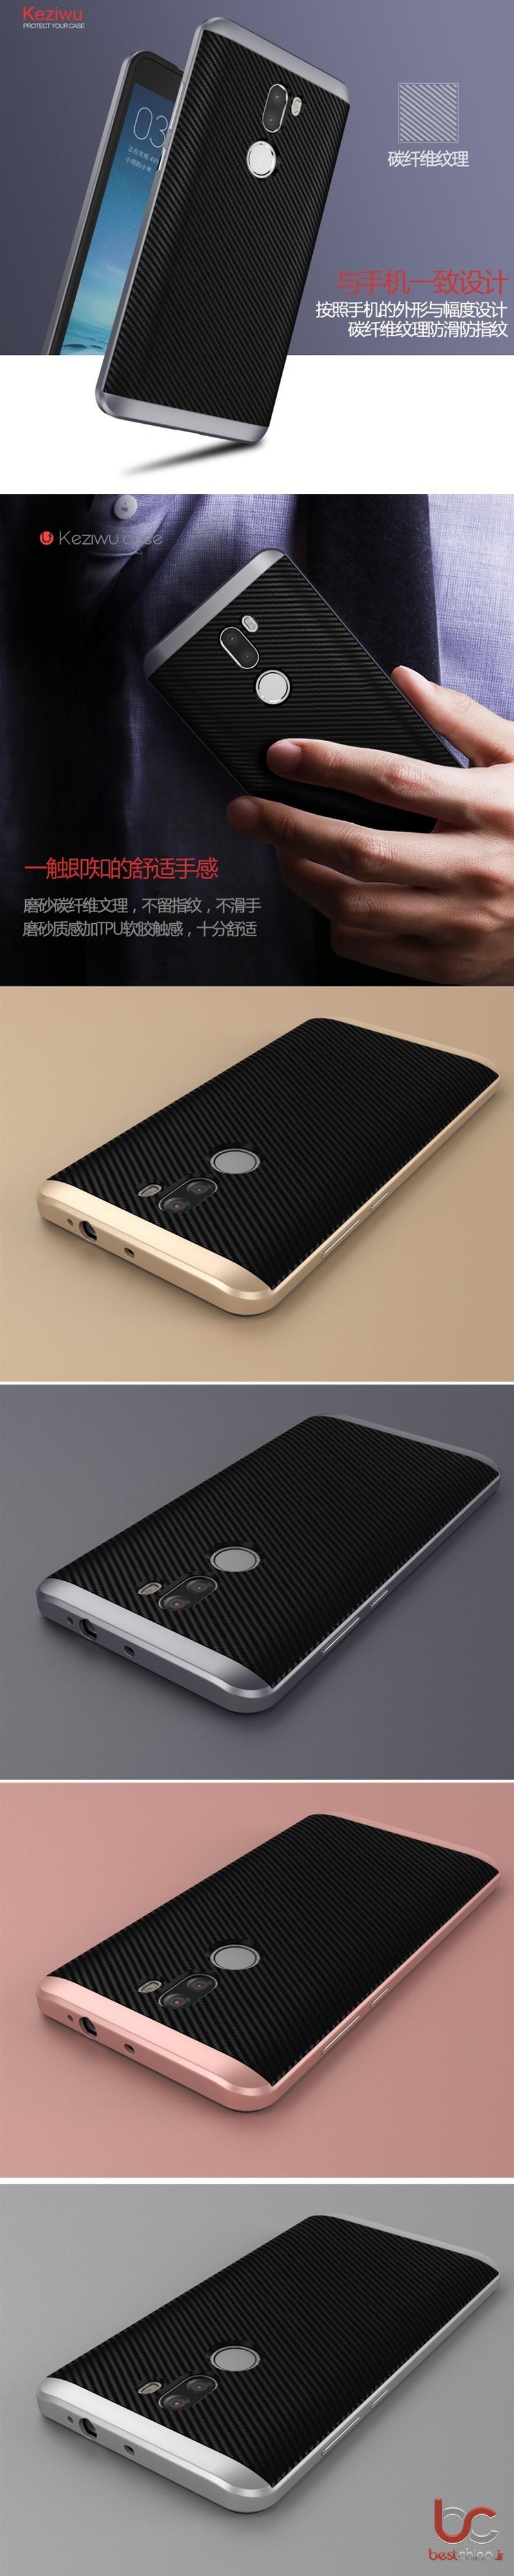 Xiaomi Mi5s plus ucase back cover (1)